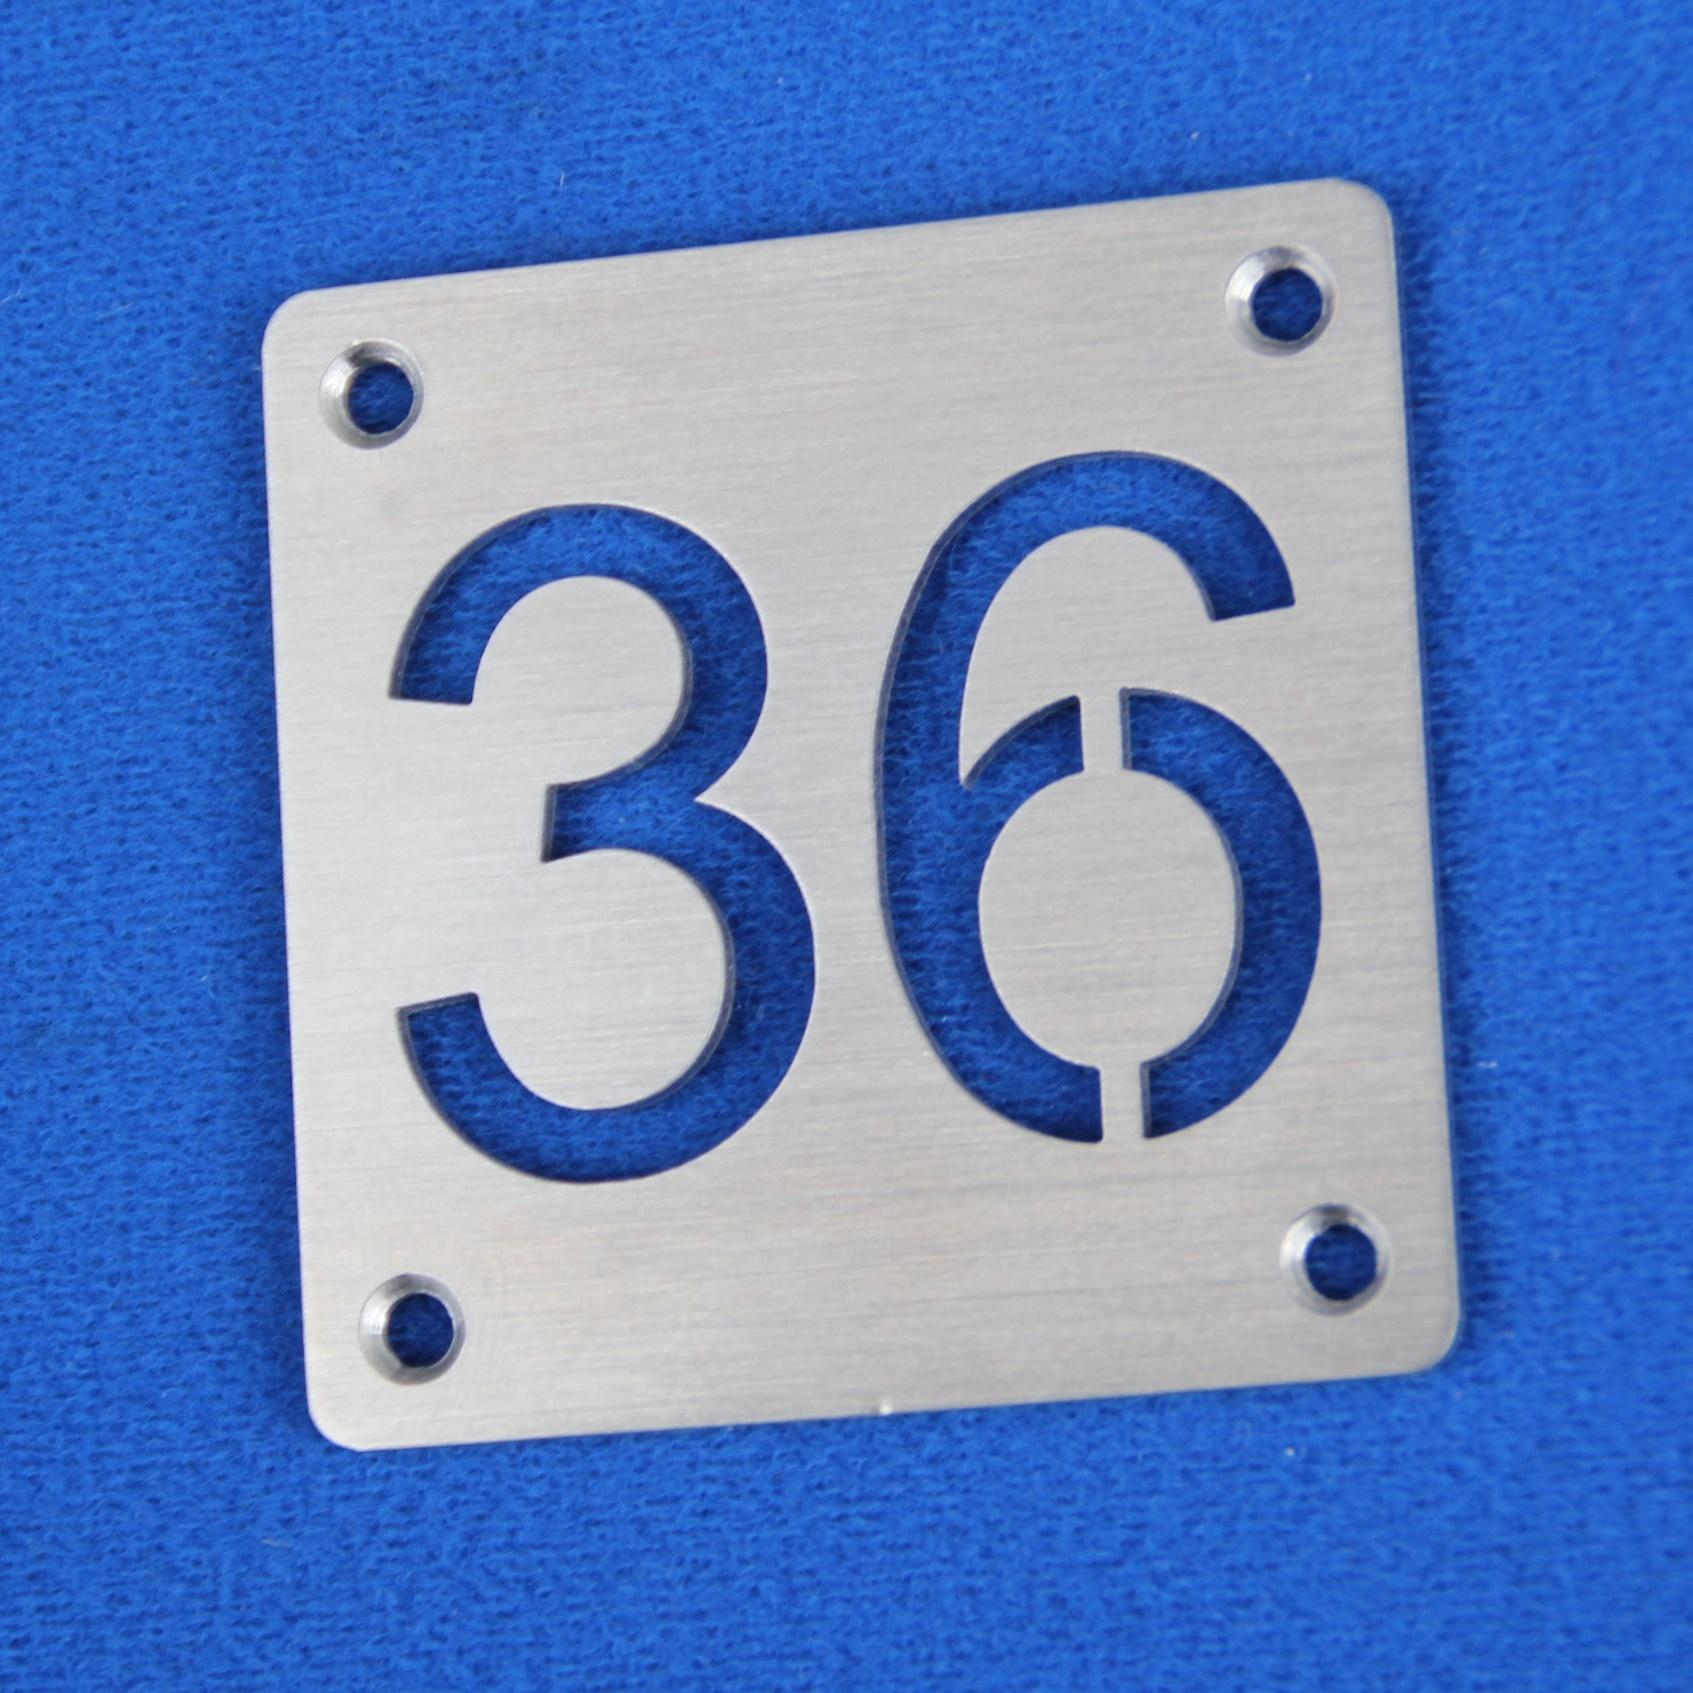 CombiCraft RVS Nummerplaatjes met uitgespaarde getallen, prijs per stuk excl. BTW vanaf: